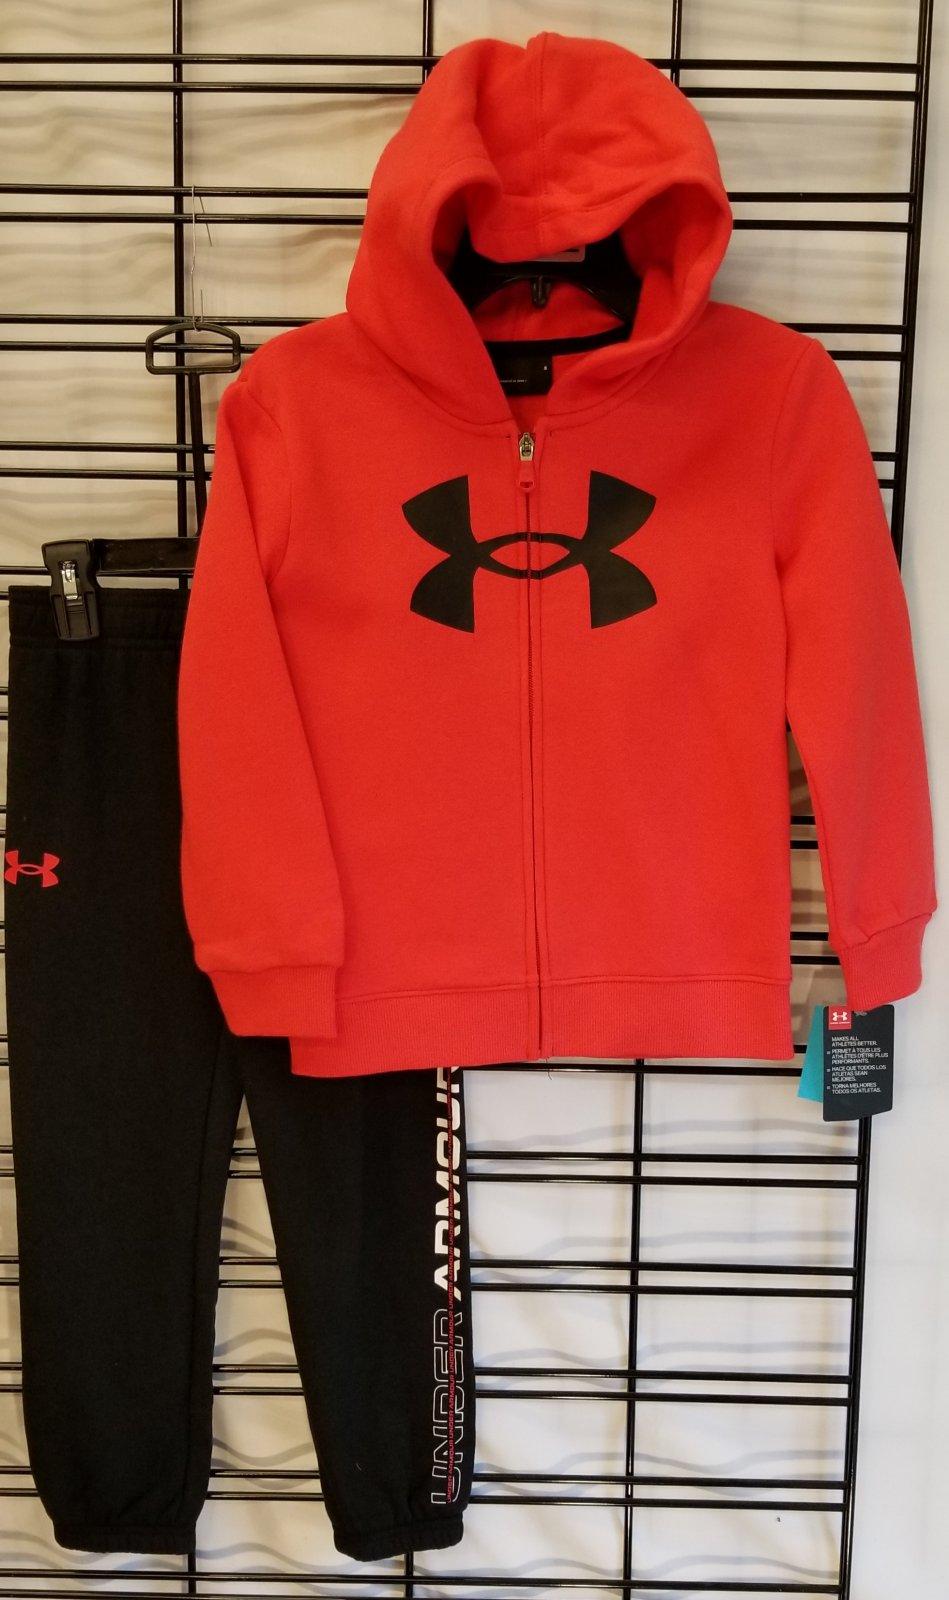 UNDER ARMOUR - Versa red full zip hoodie set